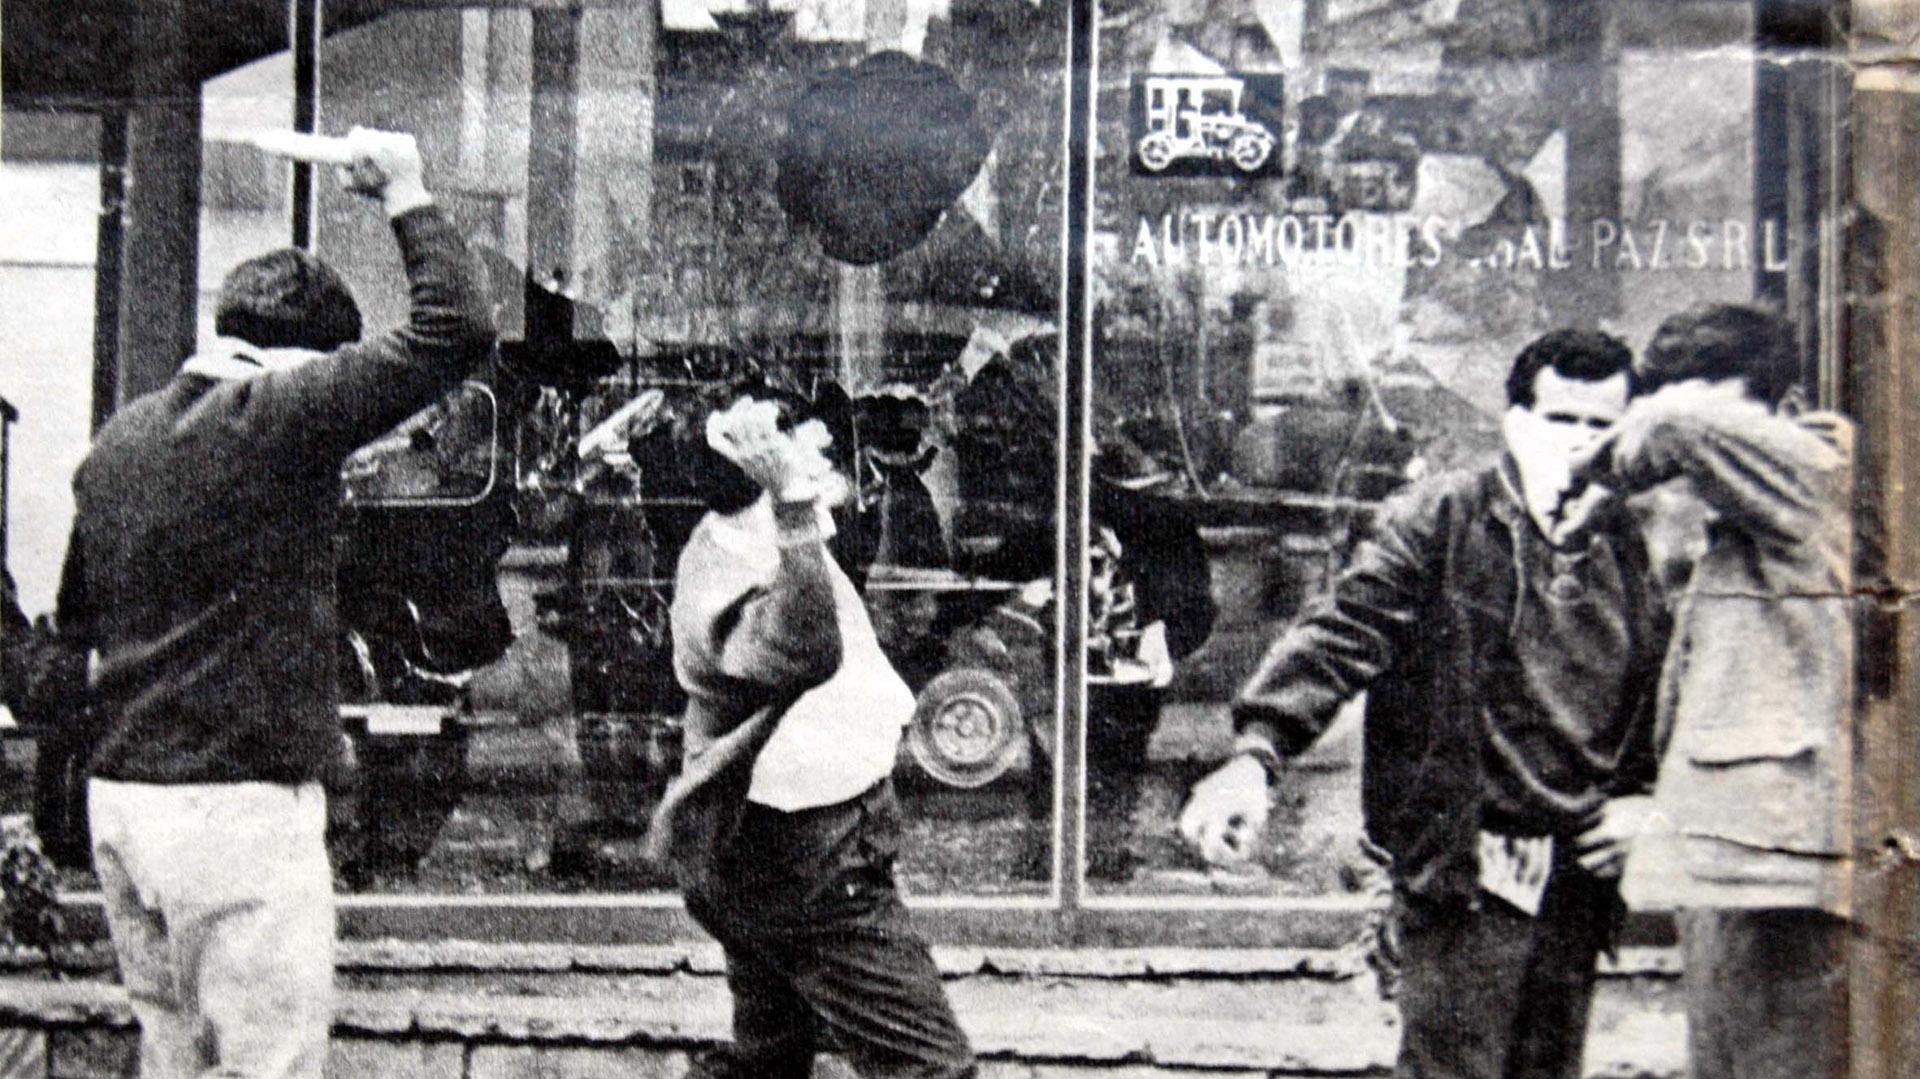 El 29 de mayo de 1969 se desencadenaba el Cordobazo, la mayor insurrección urbana que se produjo en la capital cordobesa (Télam)